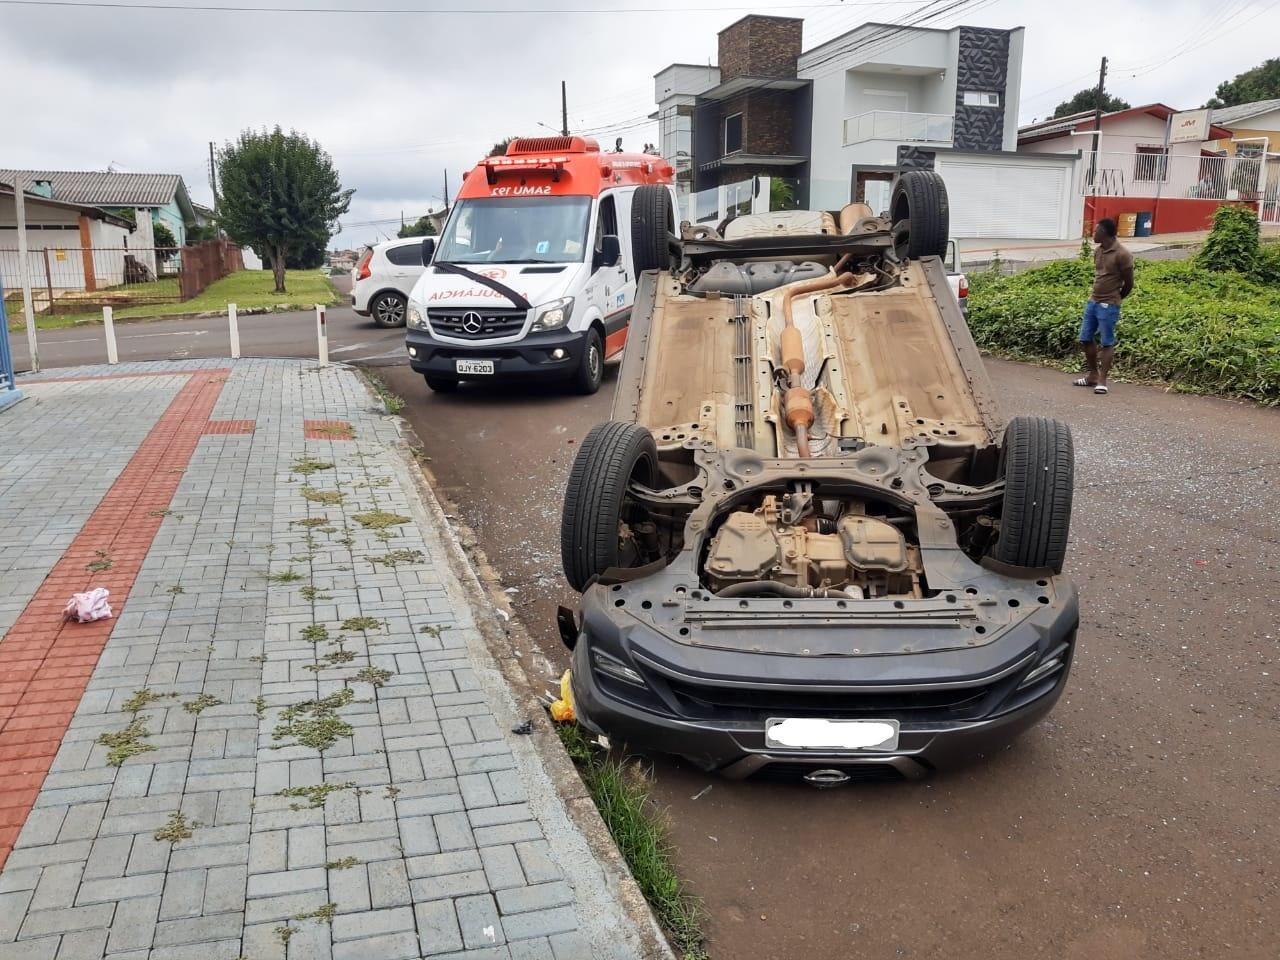 O acidente ocorreu na manhã deste sábado (6) no bairro Cristo Rei - SAMU/Divulgação/ND